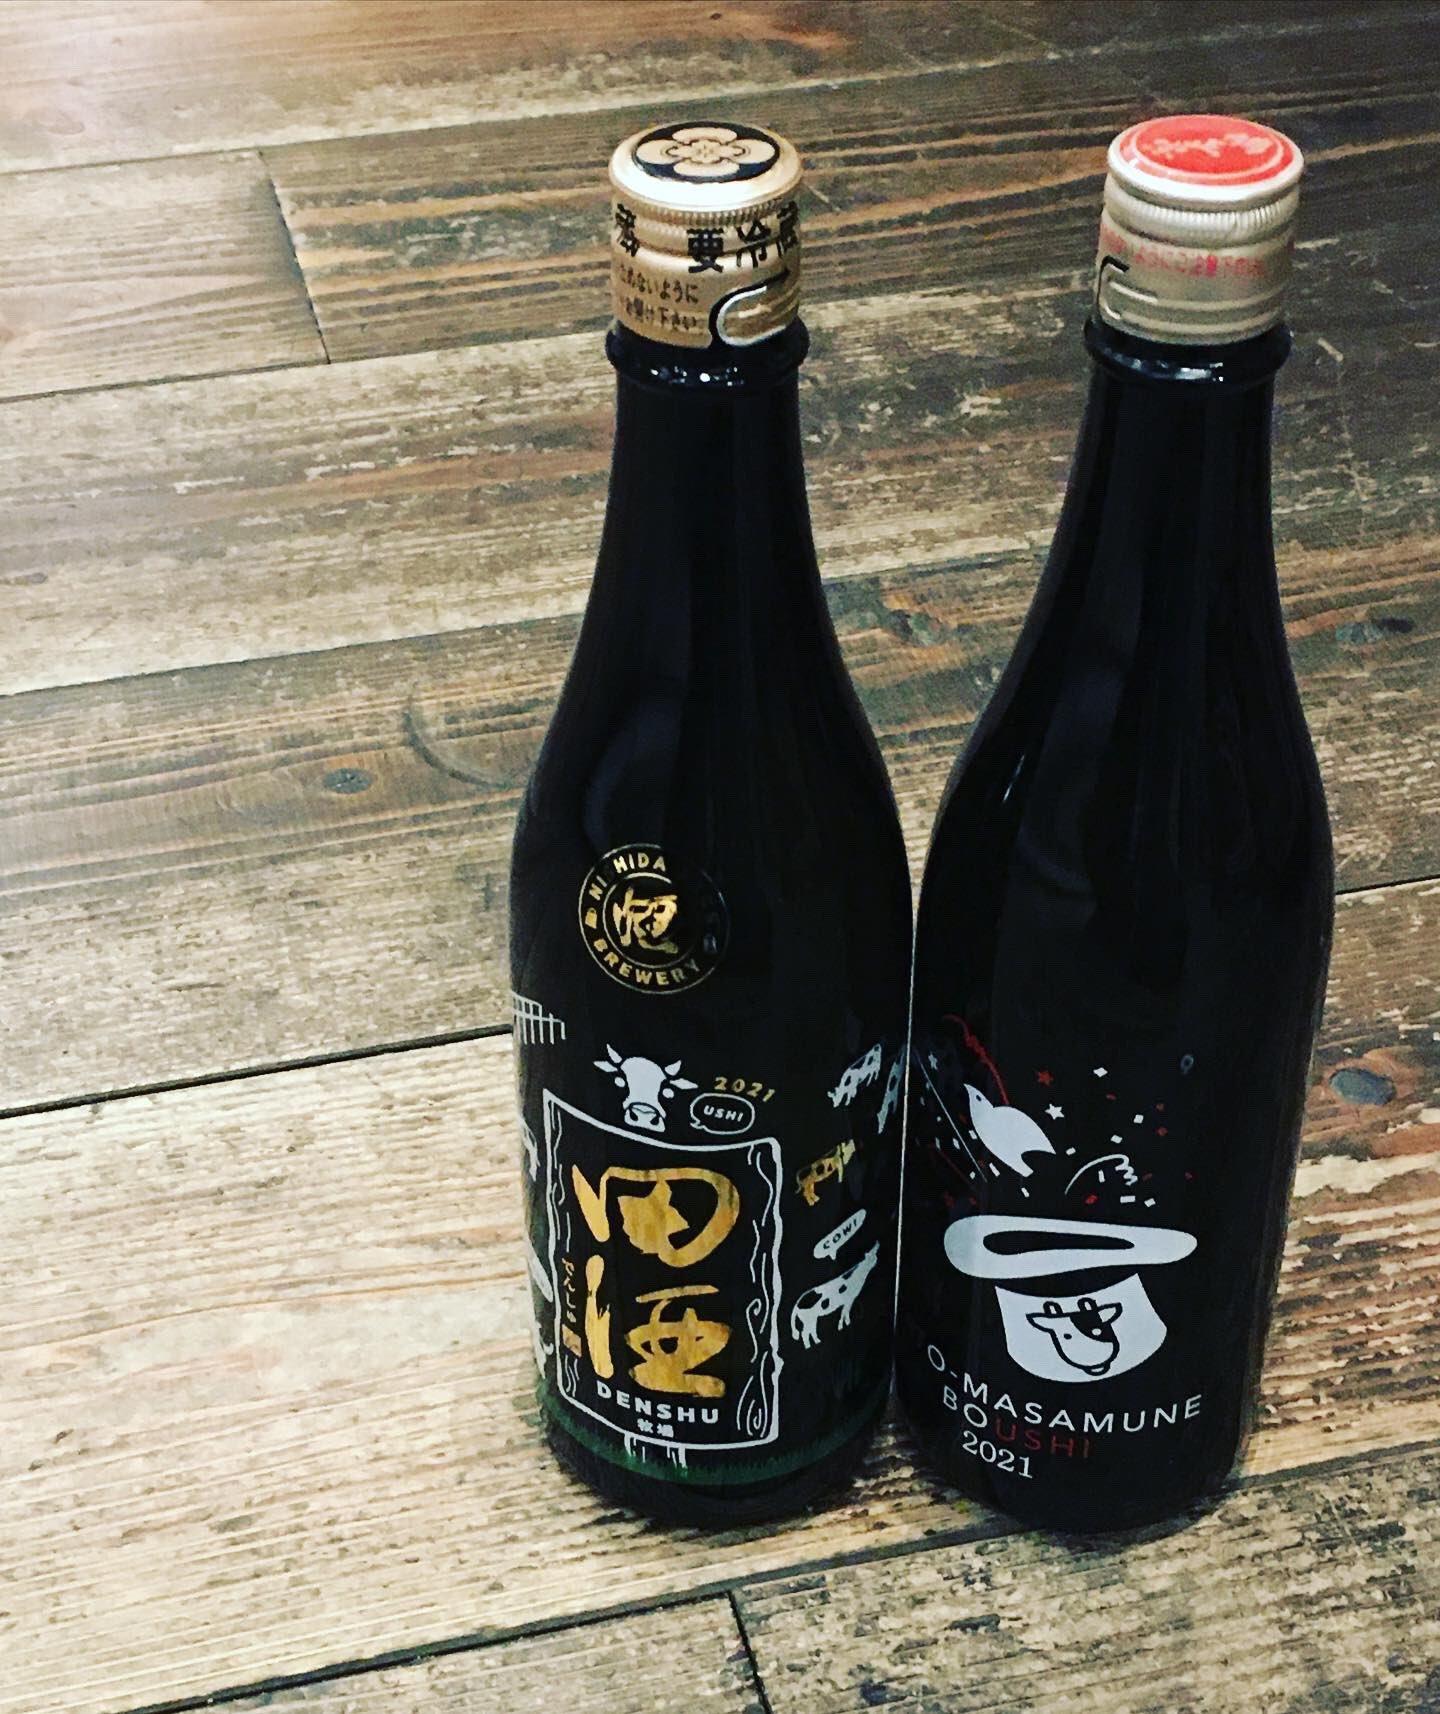 田酒/鳩正宗 干支ボトル 12/27(日)より店頭販売開始_d0367608_09195274.jpg